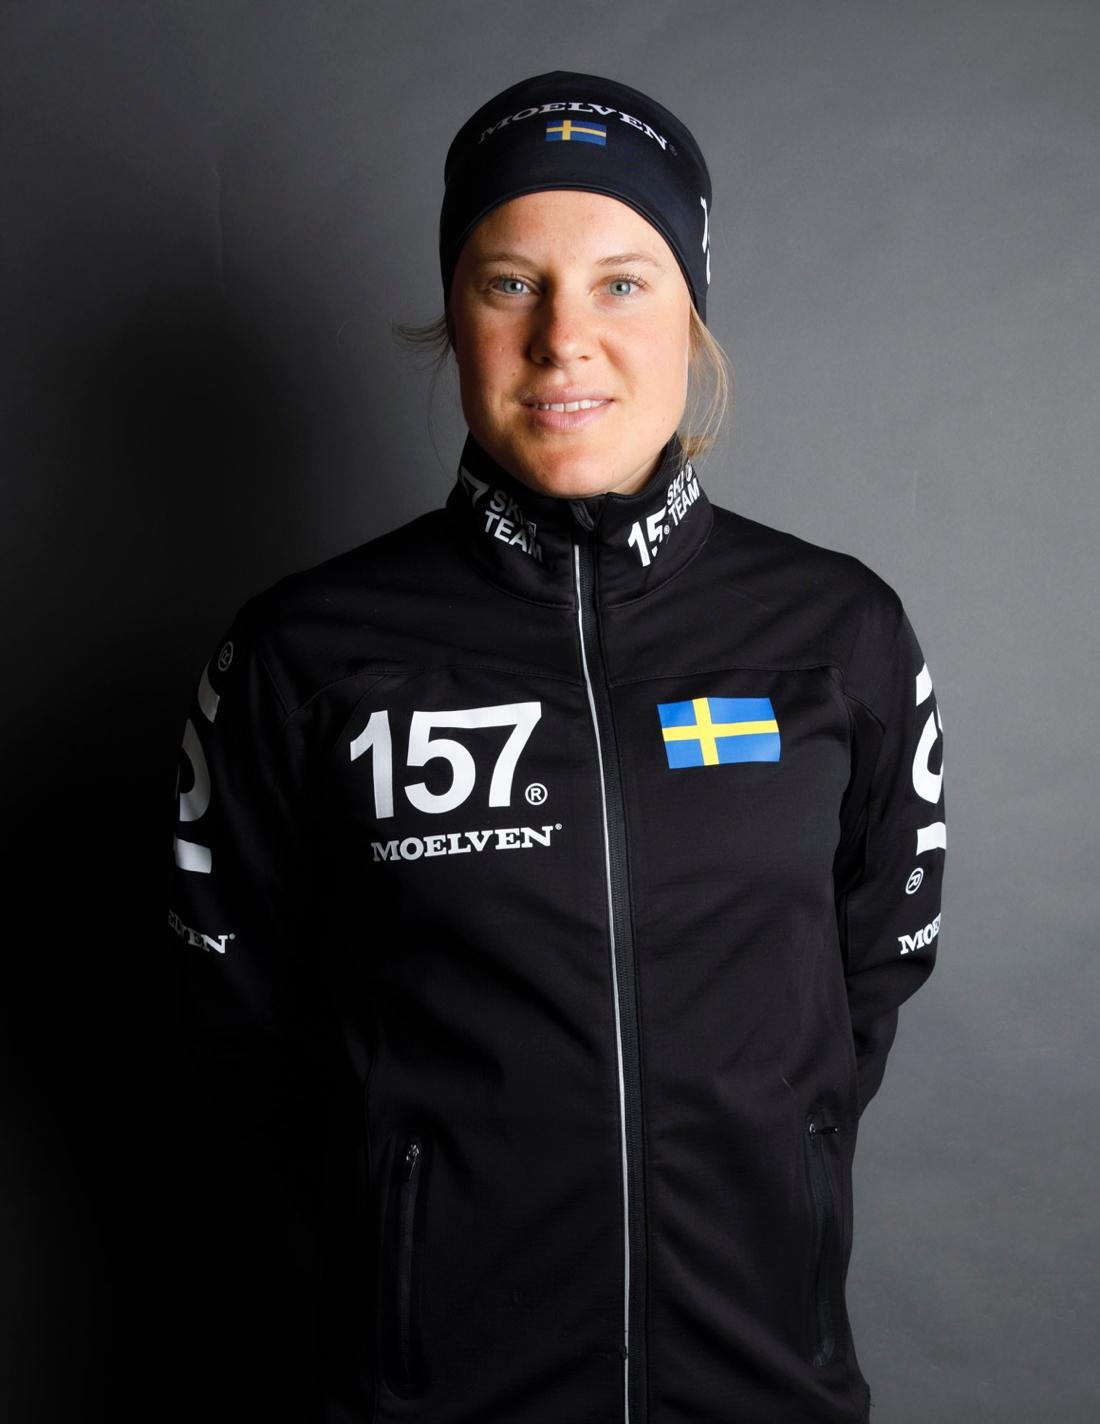 Hanna Falk fortsätter karriären i Visma Ski Classics och blir teamkamrat med Britta Johansson Norgren i Lager 157 Ski Team. FOTO: Lager 157 Ski Team.